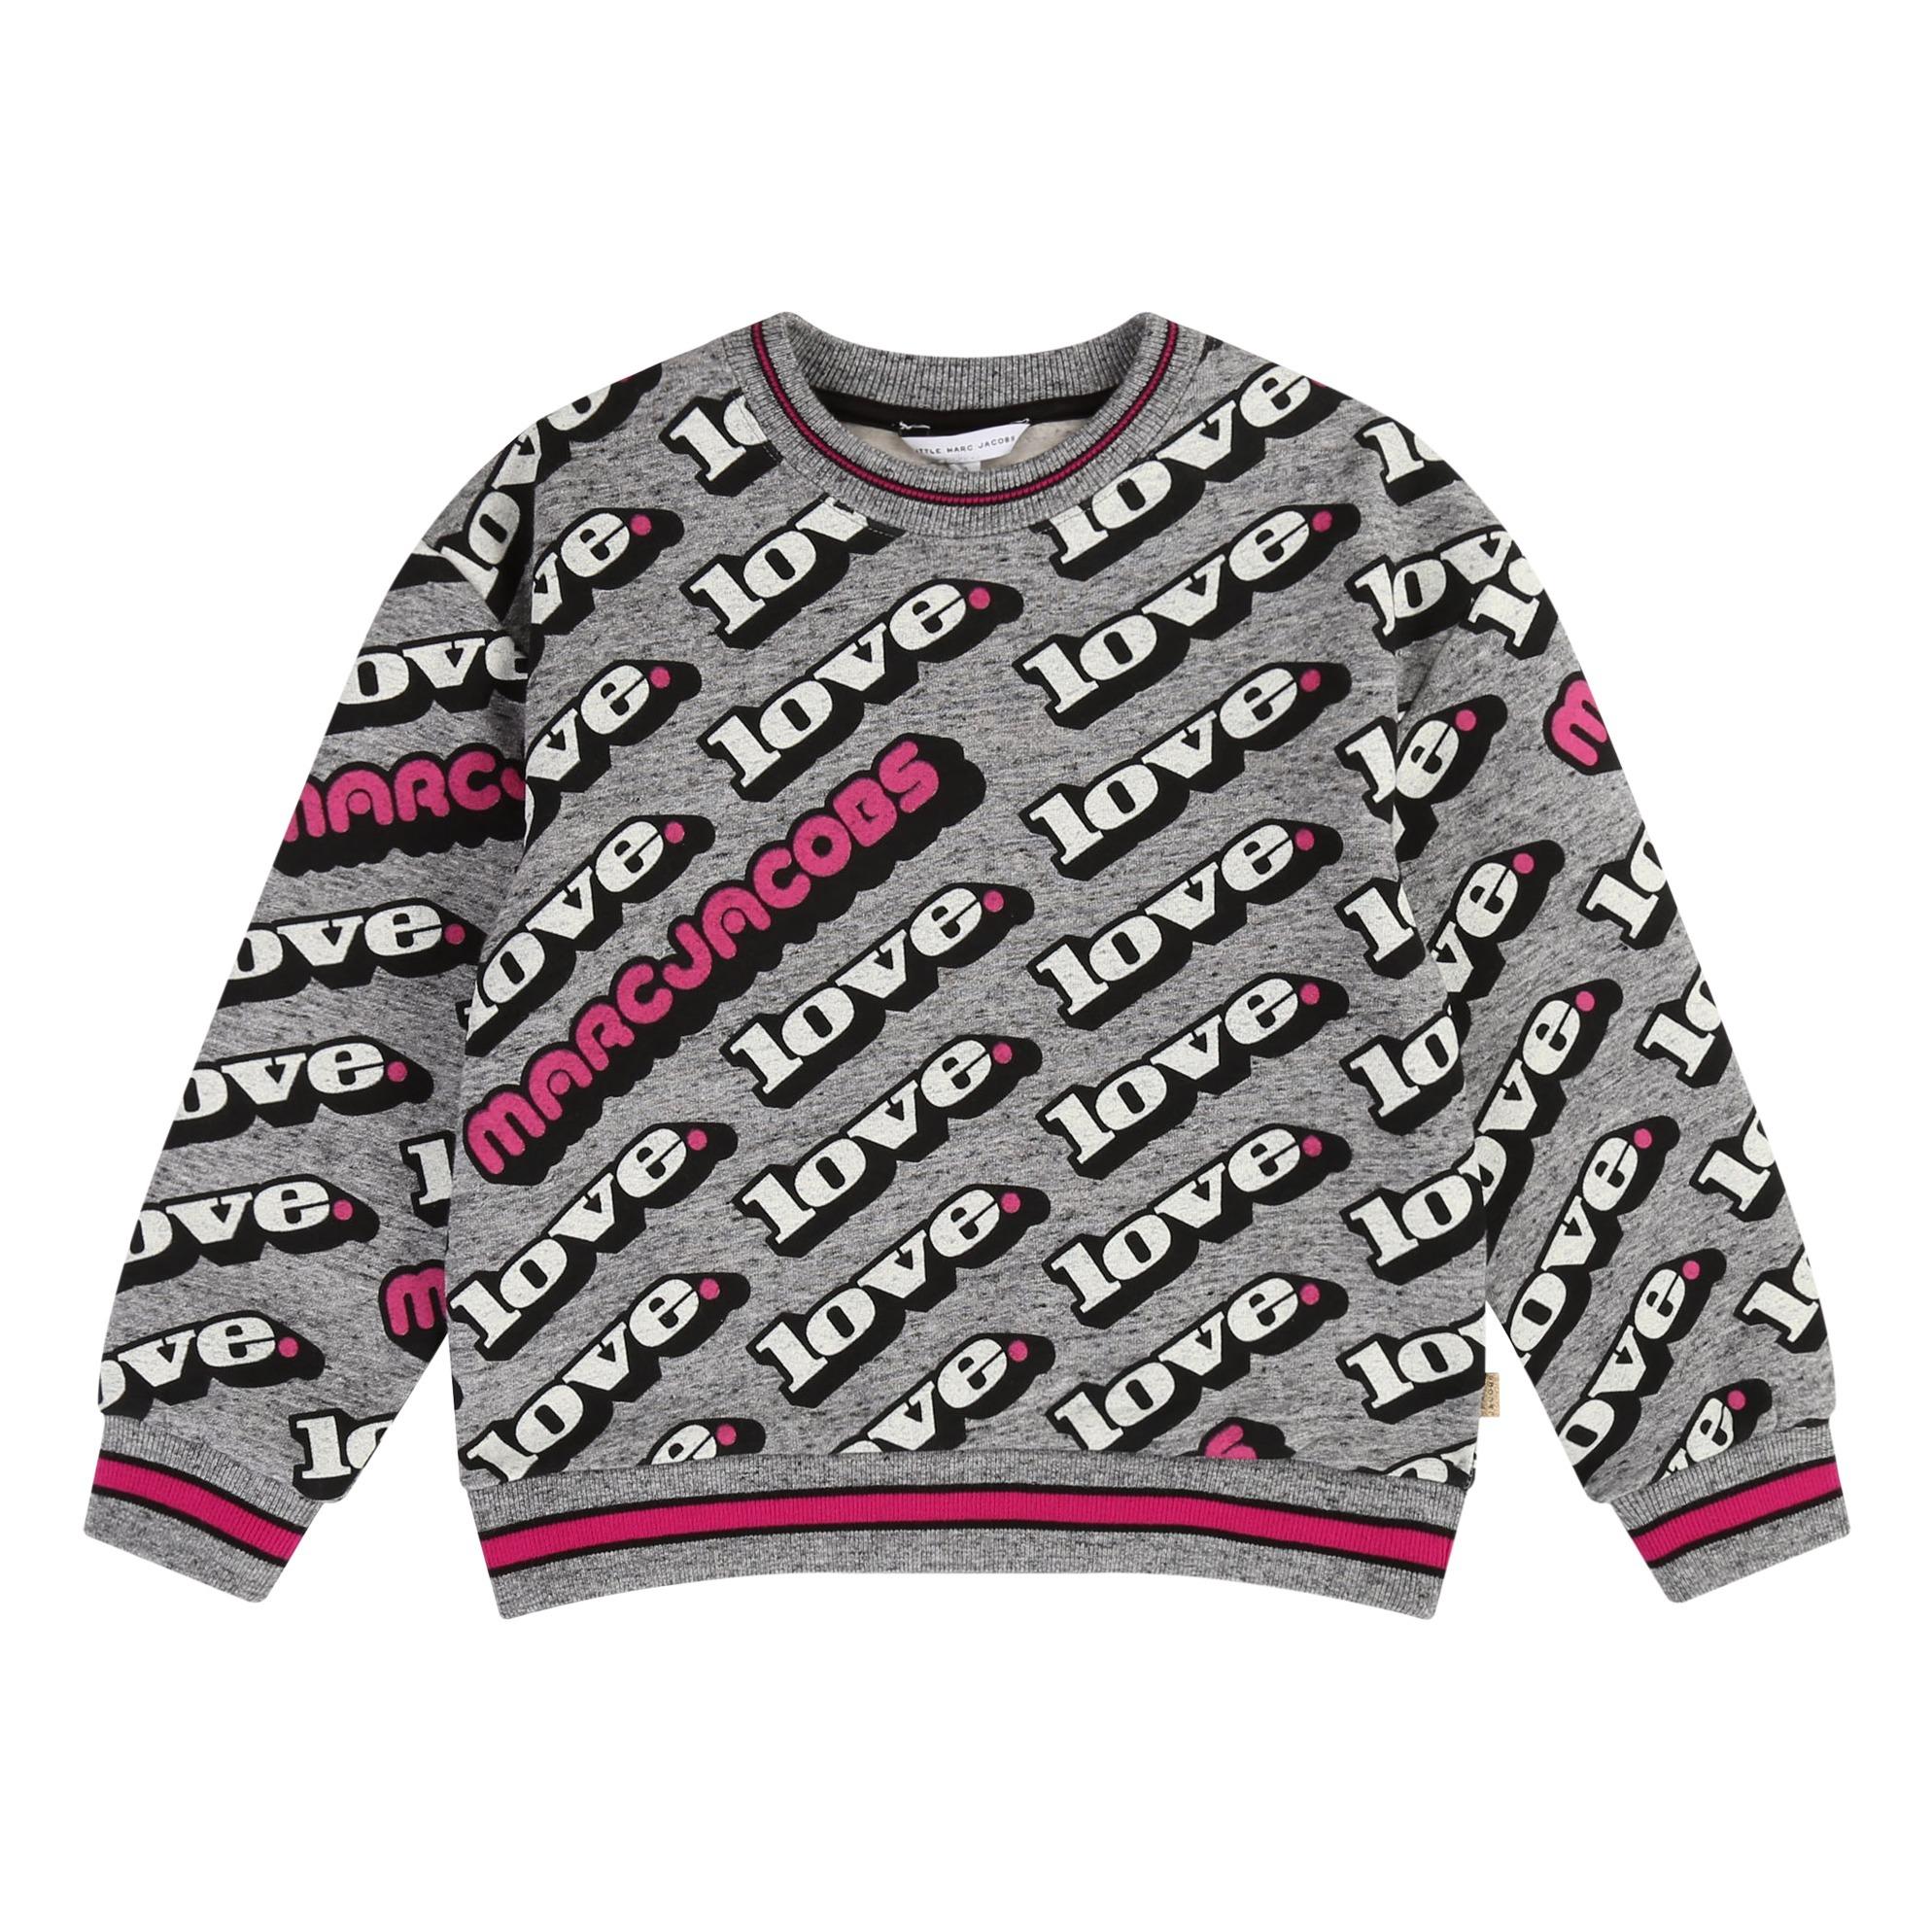 Sweatshirt Love Empfehlung, Posting 7934